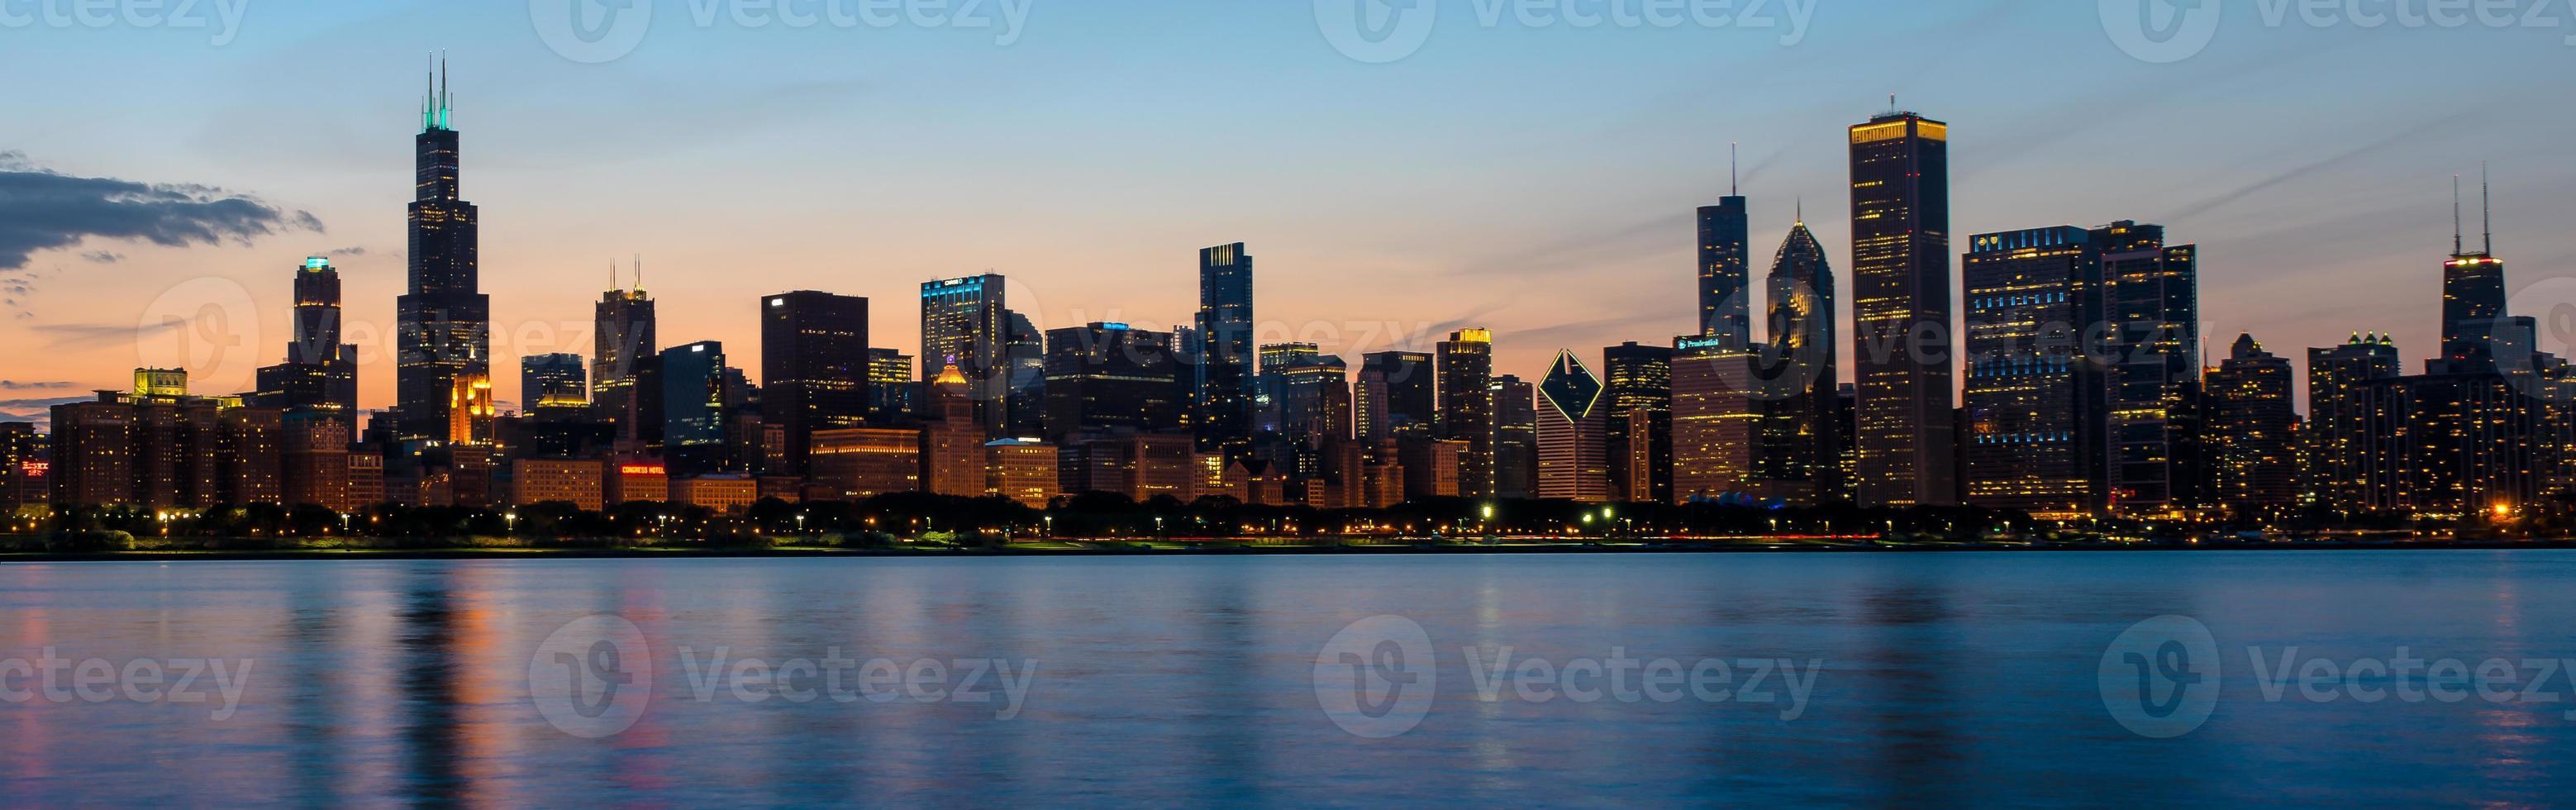 Skyline de Chicago au crépuscule trois principaux bâtiments photo